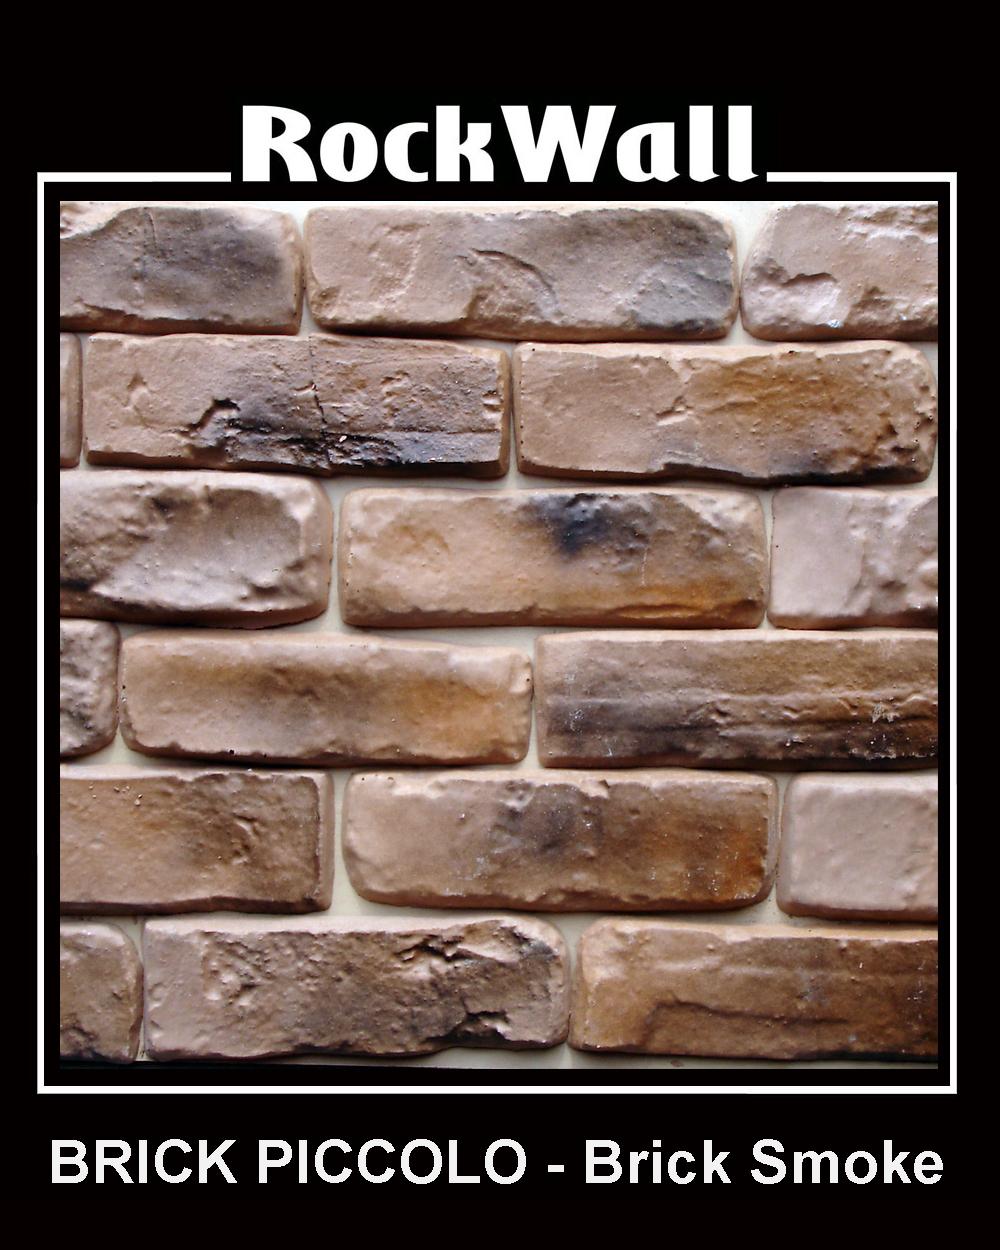 brick-piccolo-brick-smoke-1